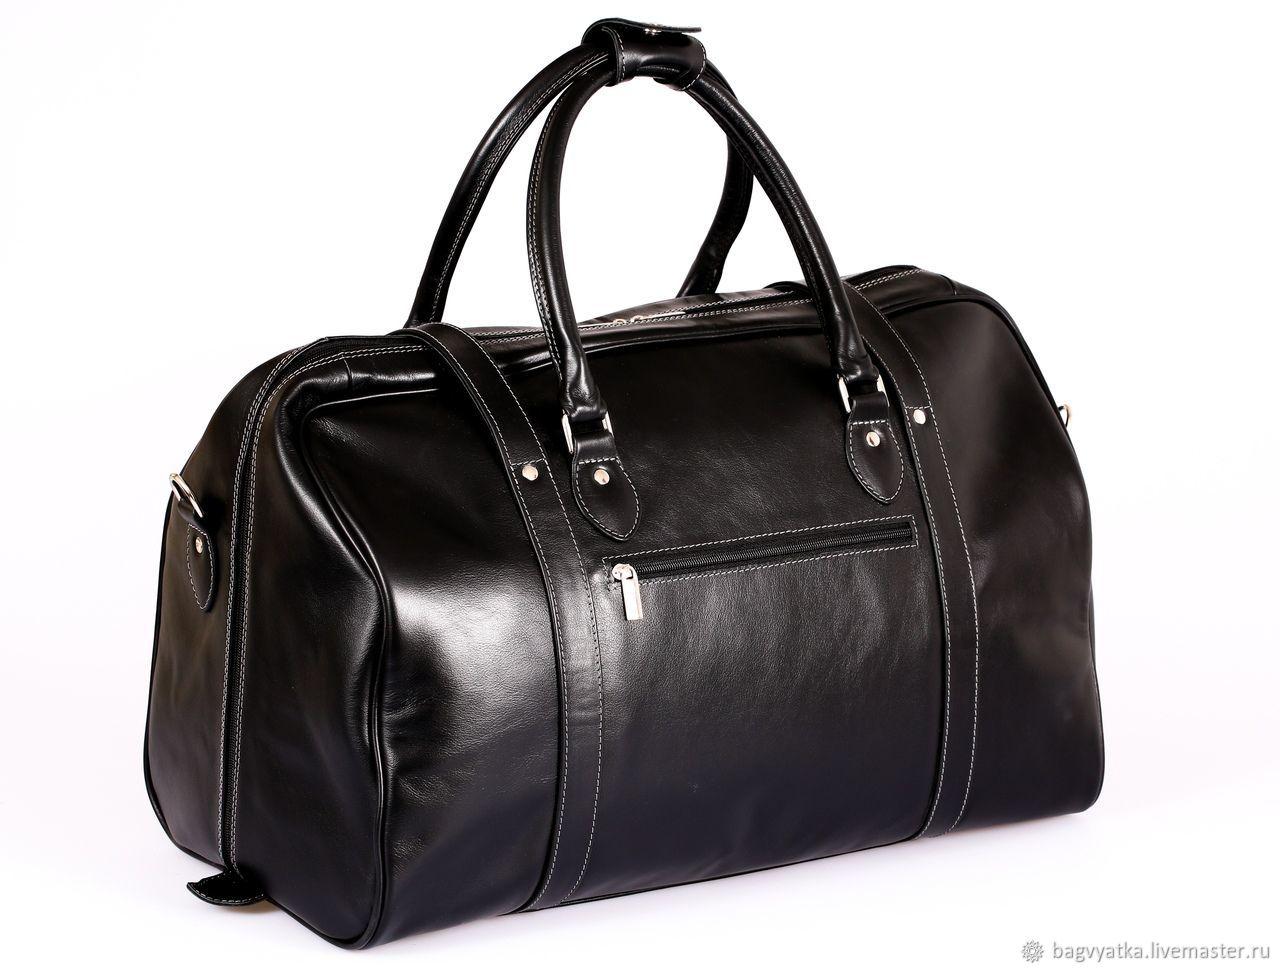 Дорожная сумка Fabrizio 'Venezia 17', дорожный саквояж, чемодан